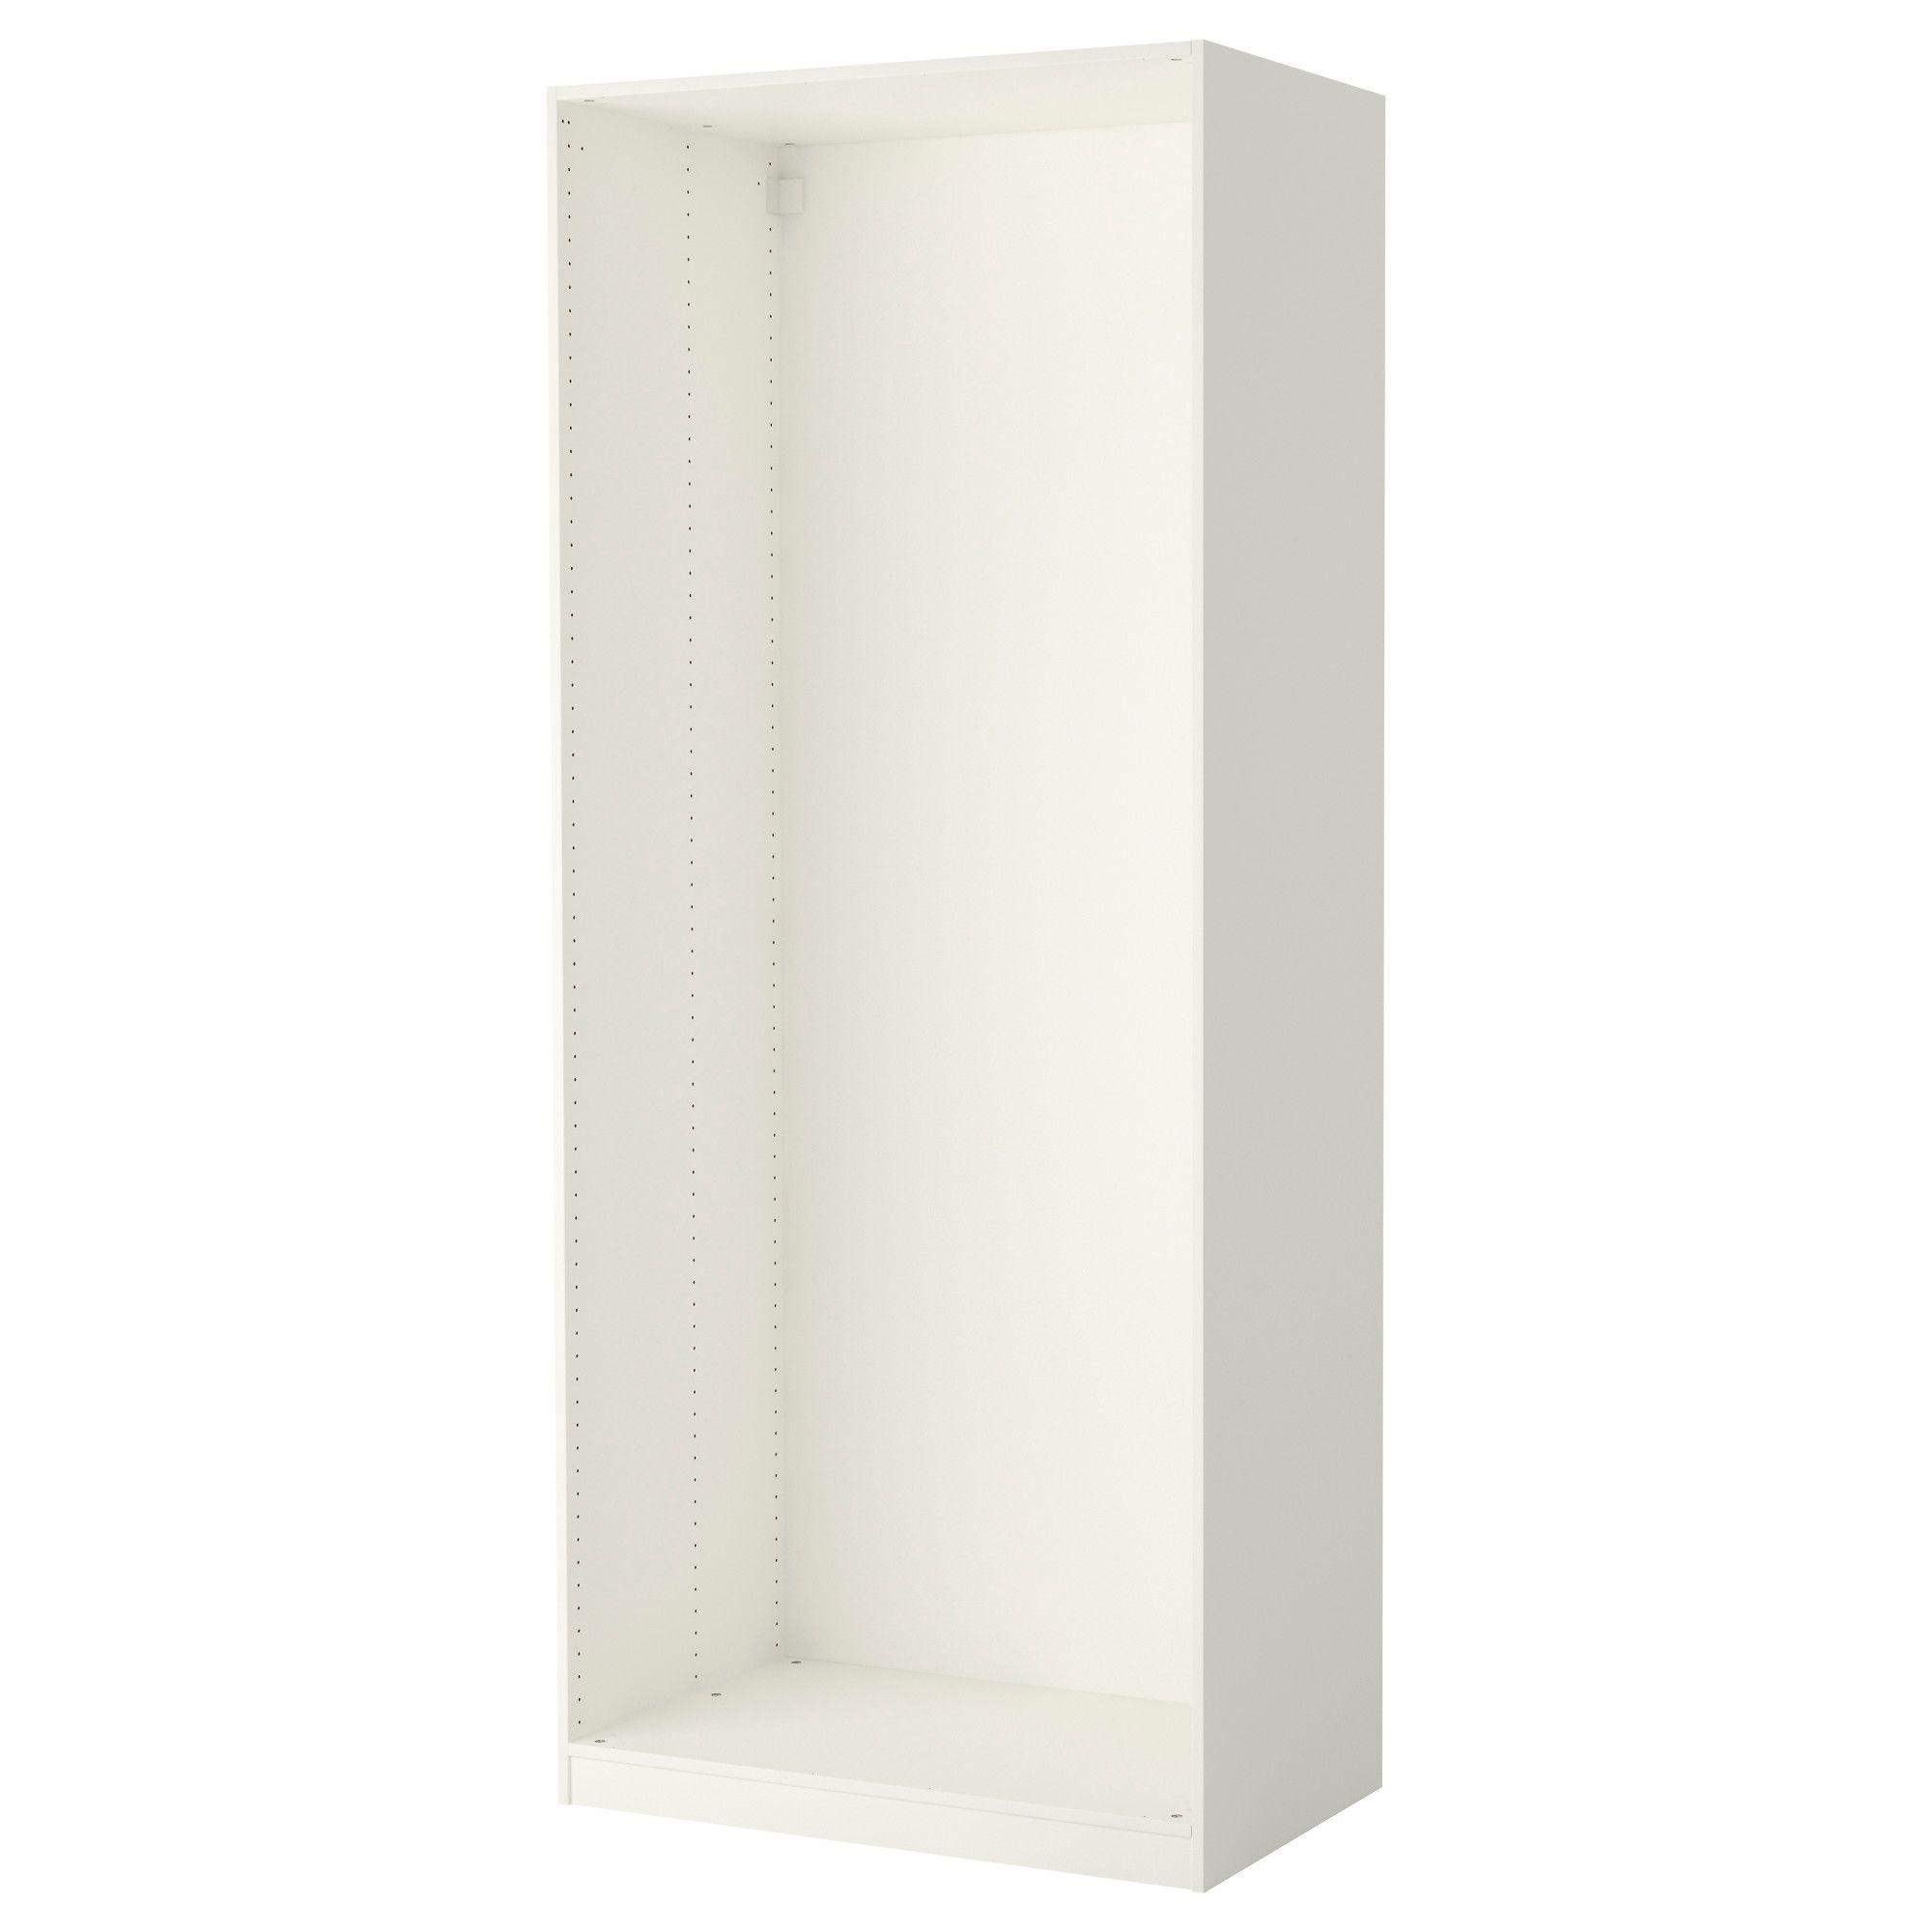 Pax Caisson D Armoire Blanc Buanderie Cellier Ikea Penderie